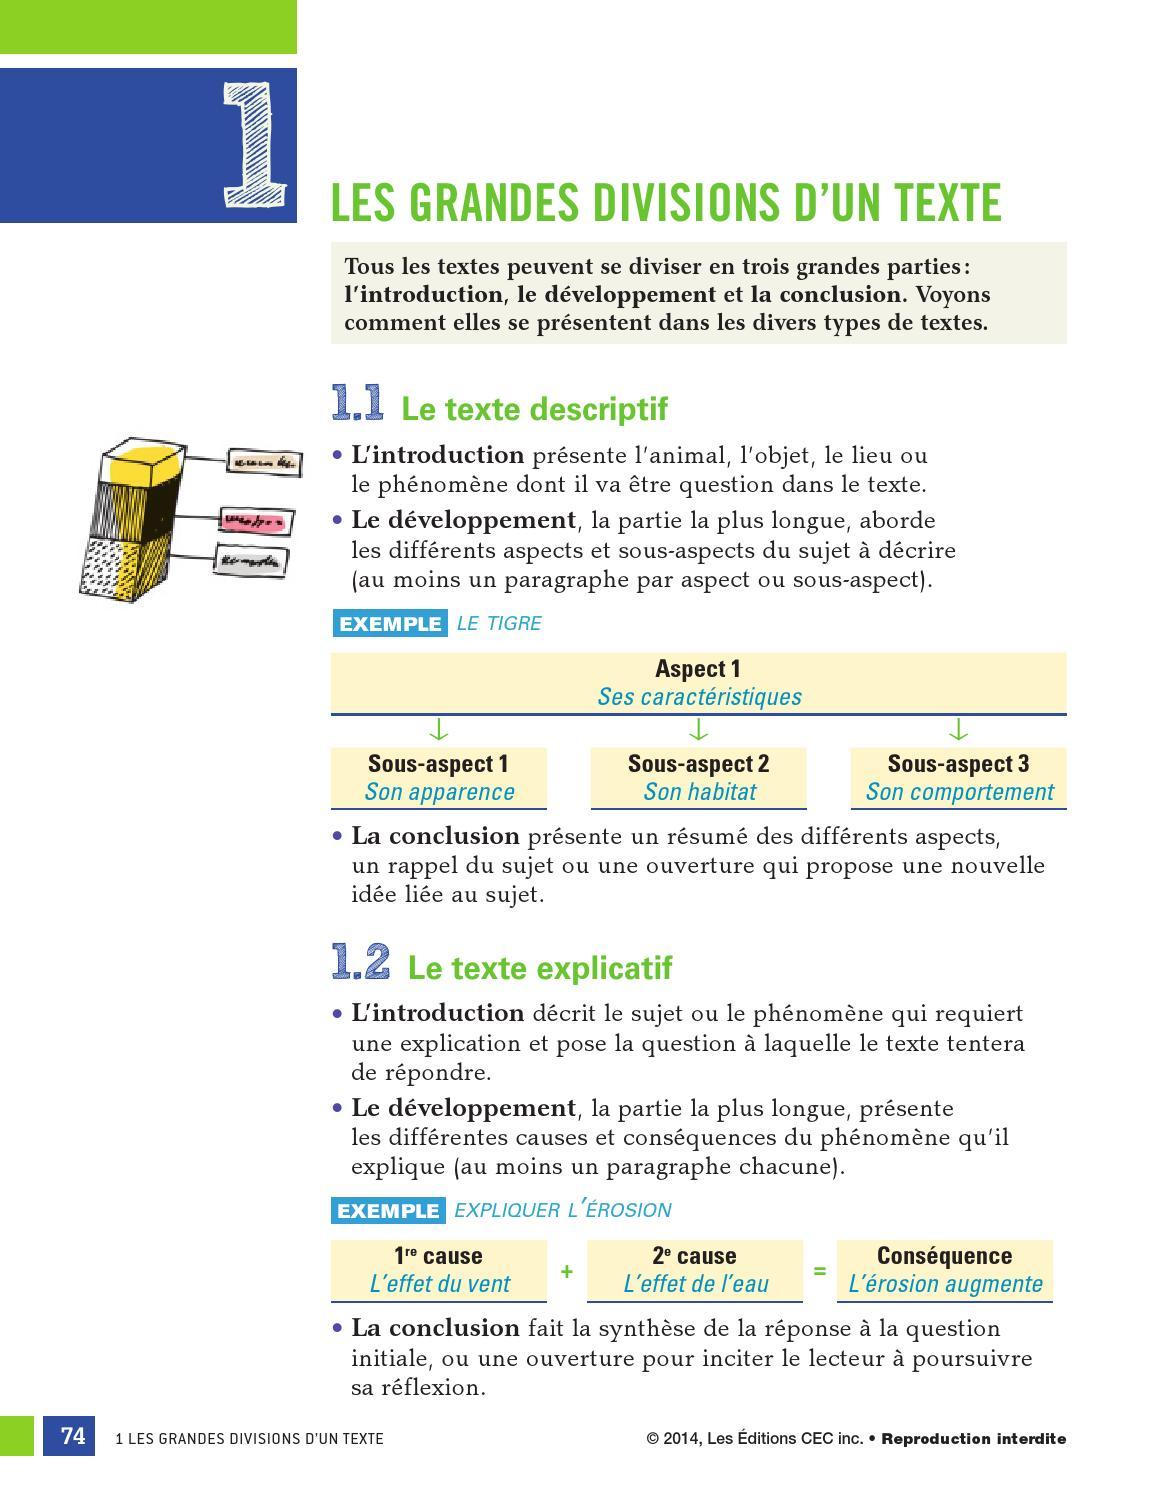 Mon Guide de rédaction by Les Éditions CEC - Issuu